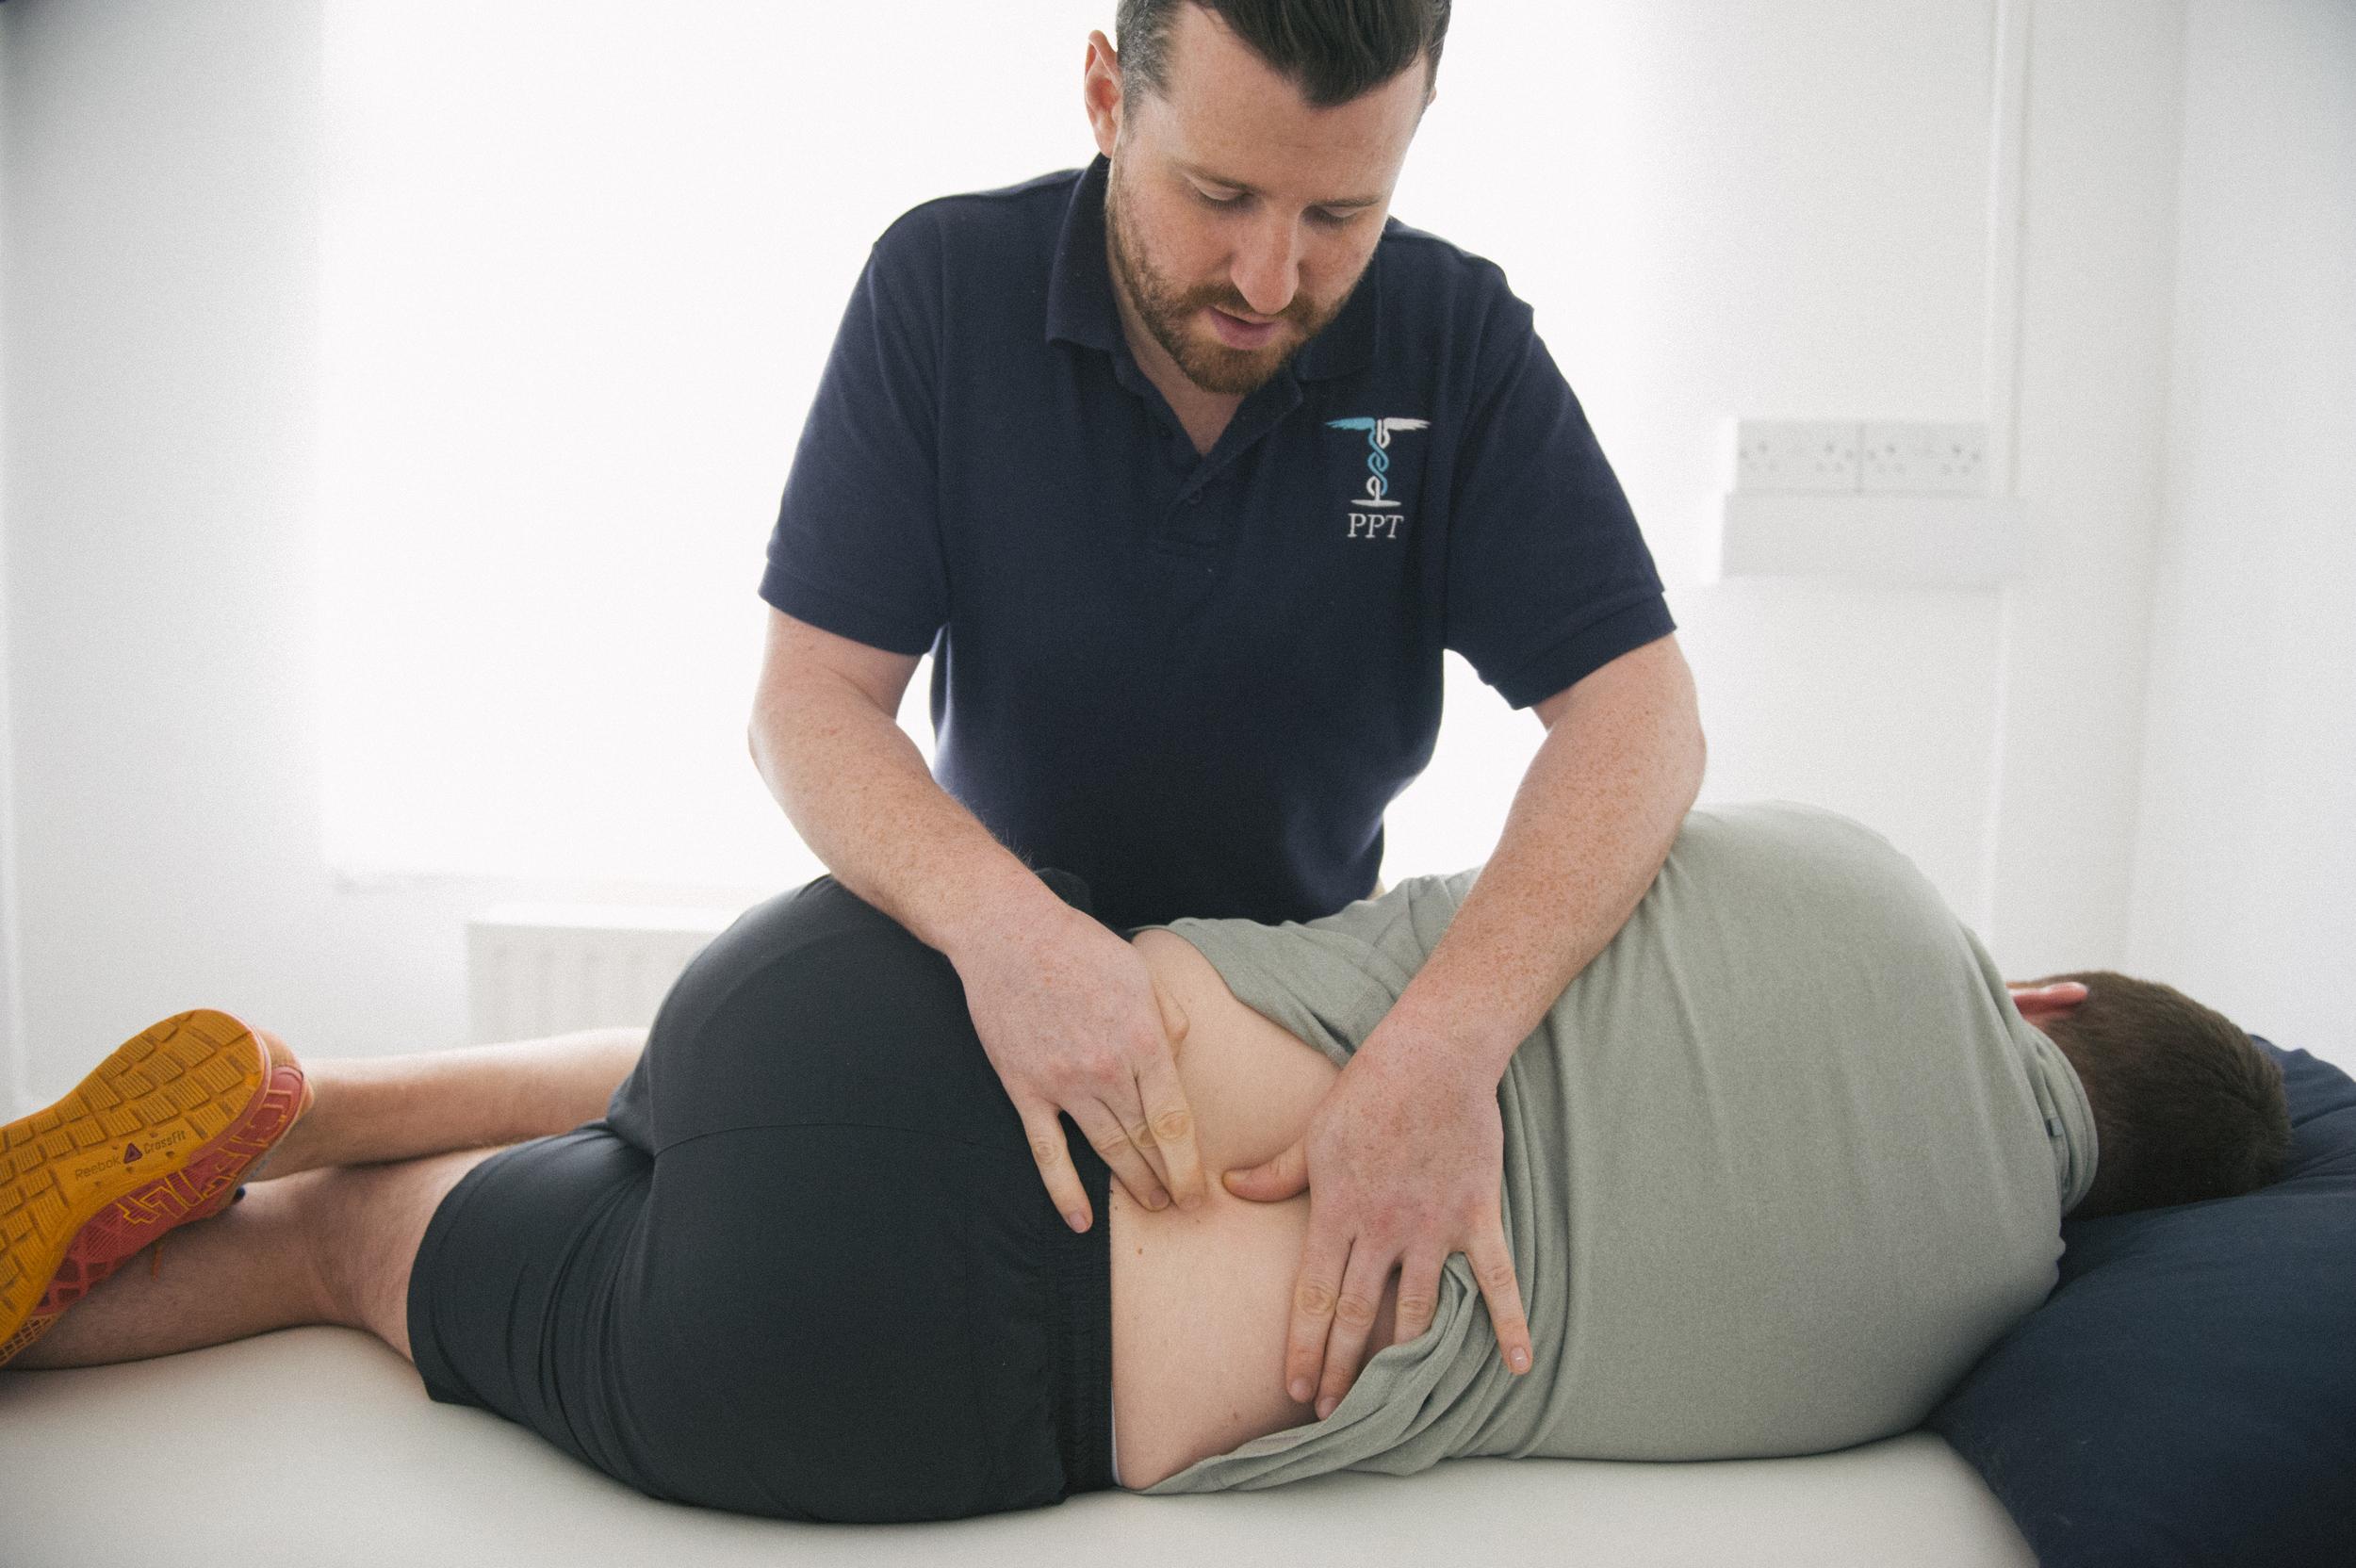 PPT physio treatment, Dublin